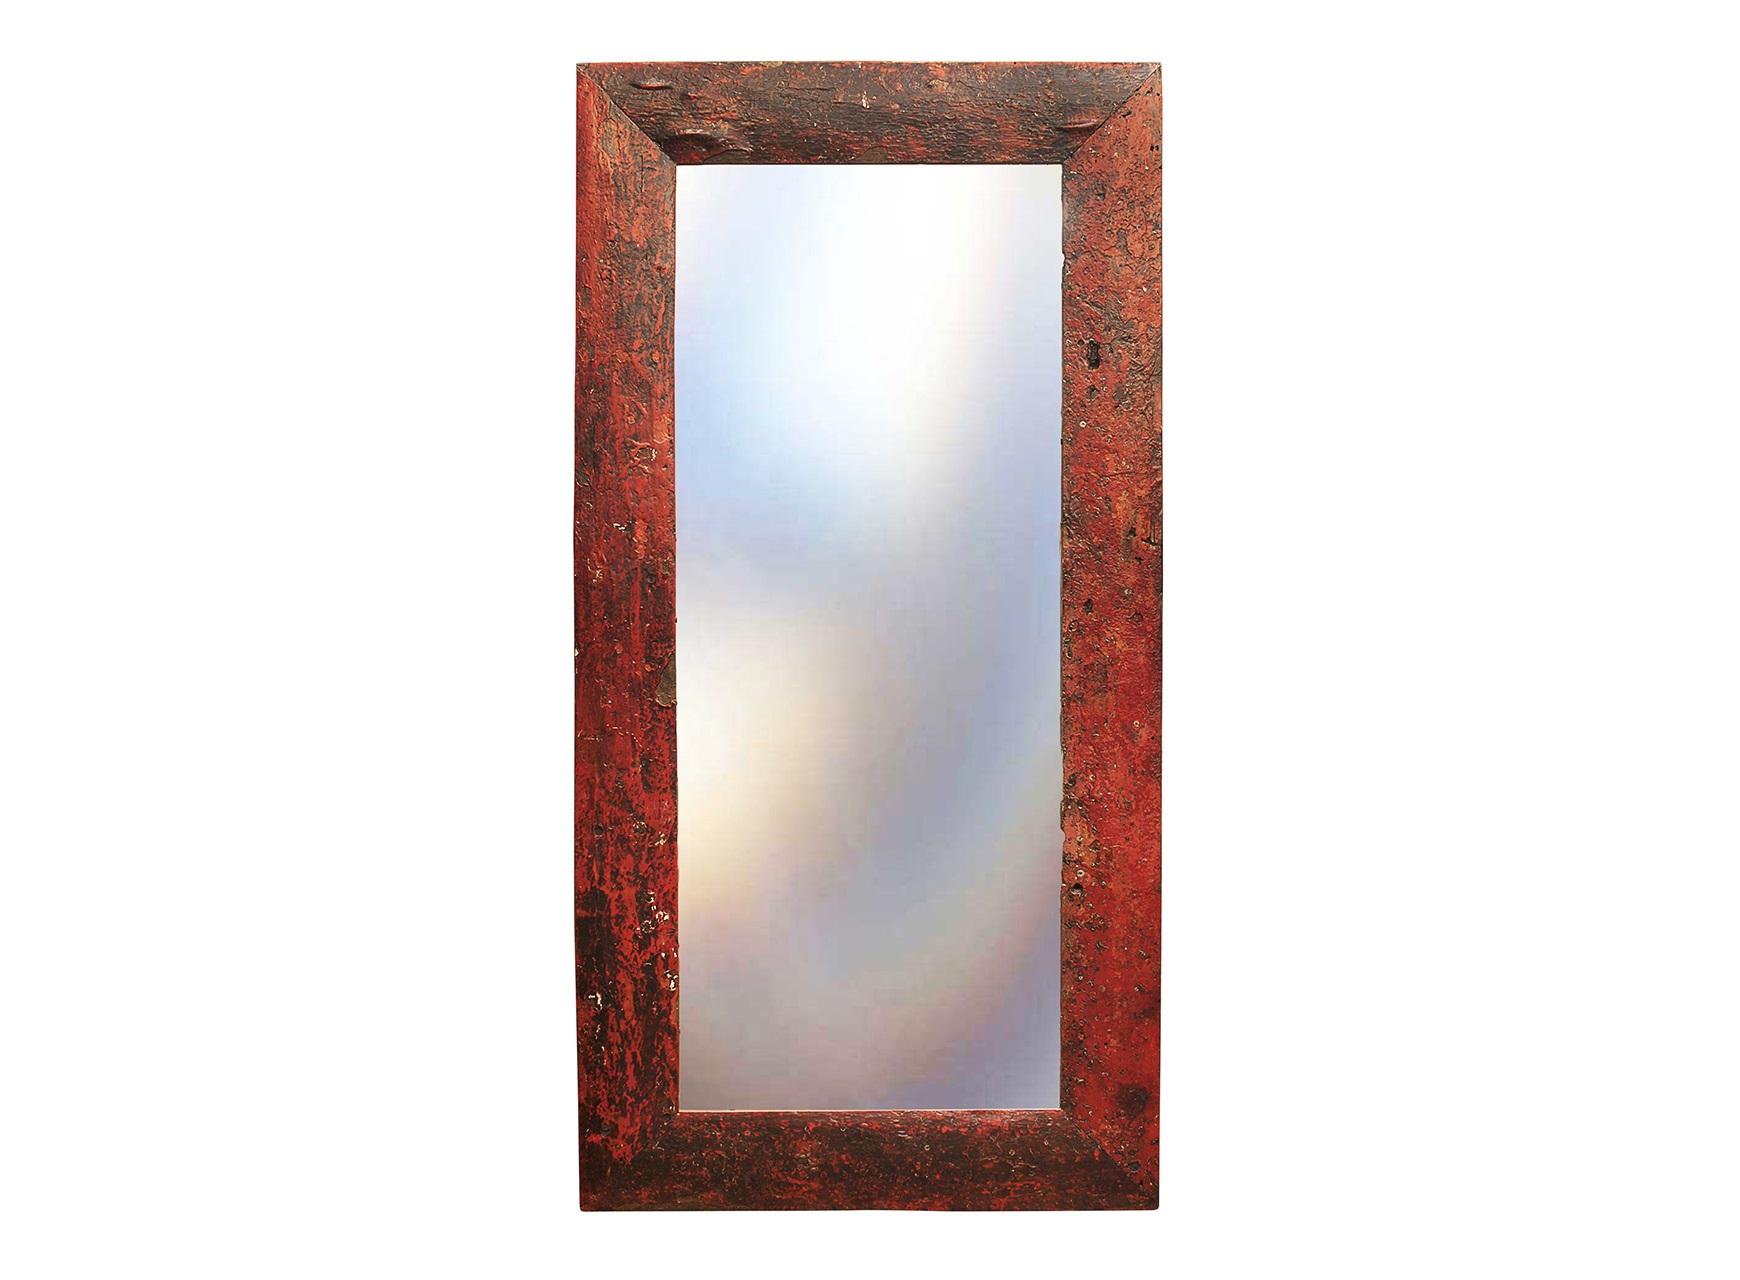 Зеркало Свет мой зеркальцеНастенные зеркала<br>Зеркало выполнено из фрагментов настоящего рыболовецкого судна, возраст которого 20-40 лет. Окрас сохранён оригинальный.<br><br>Material: Тик<br>Length см: None<br>Width см: 90<br>Depth см: 3<br>Height см: 180